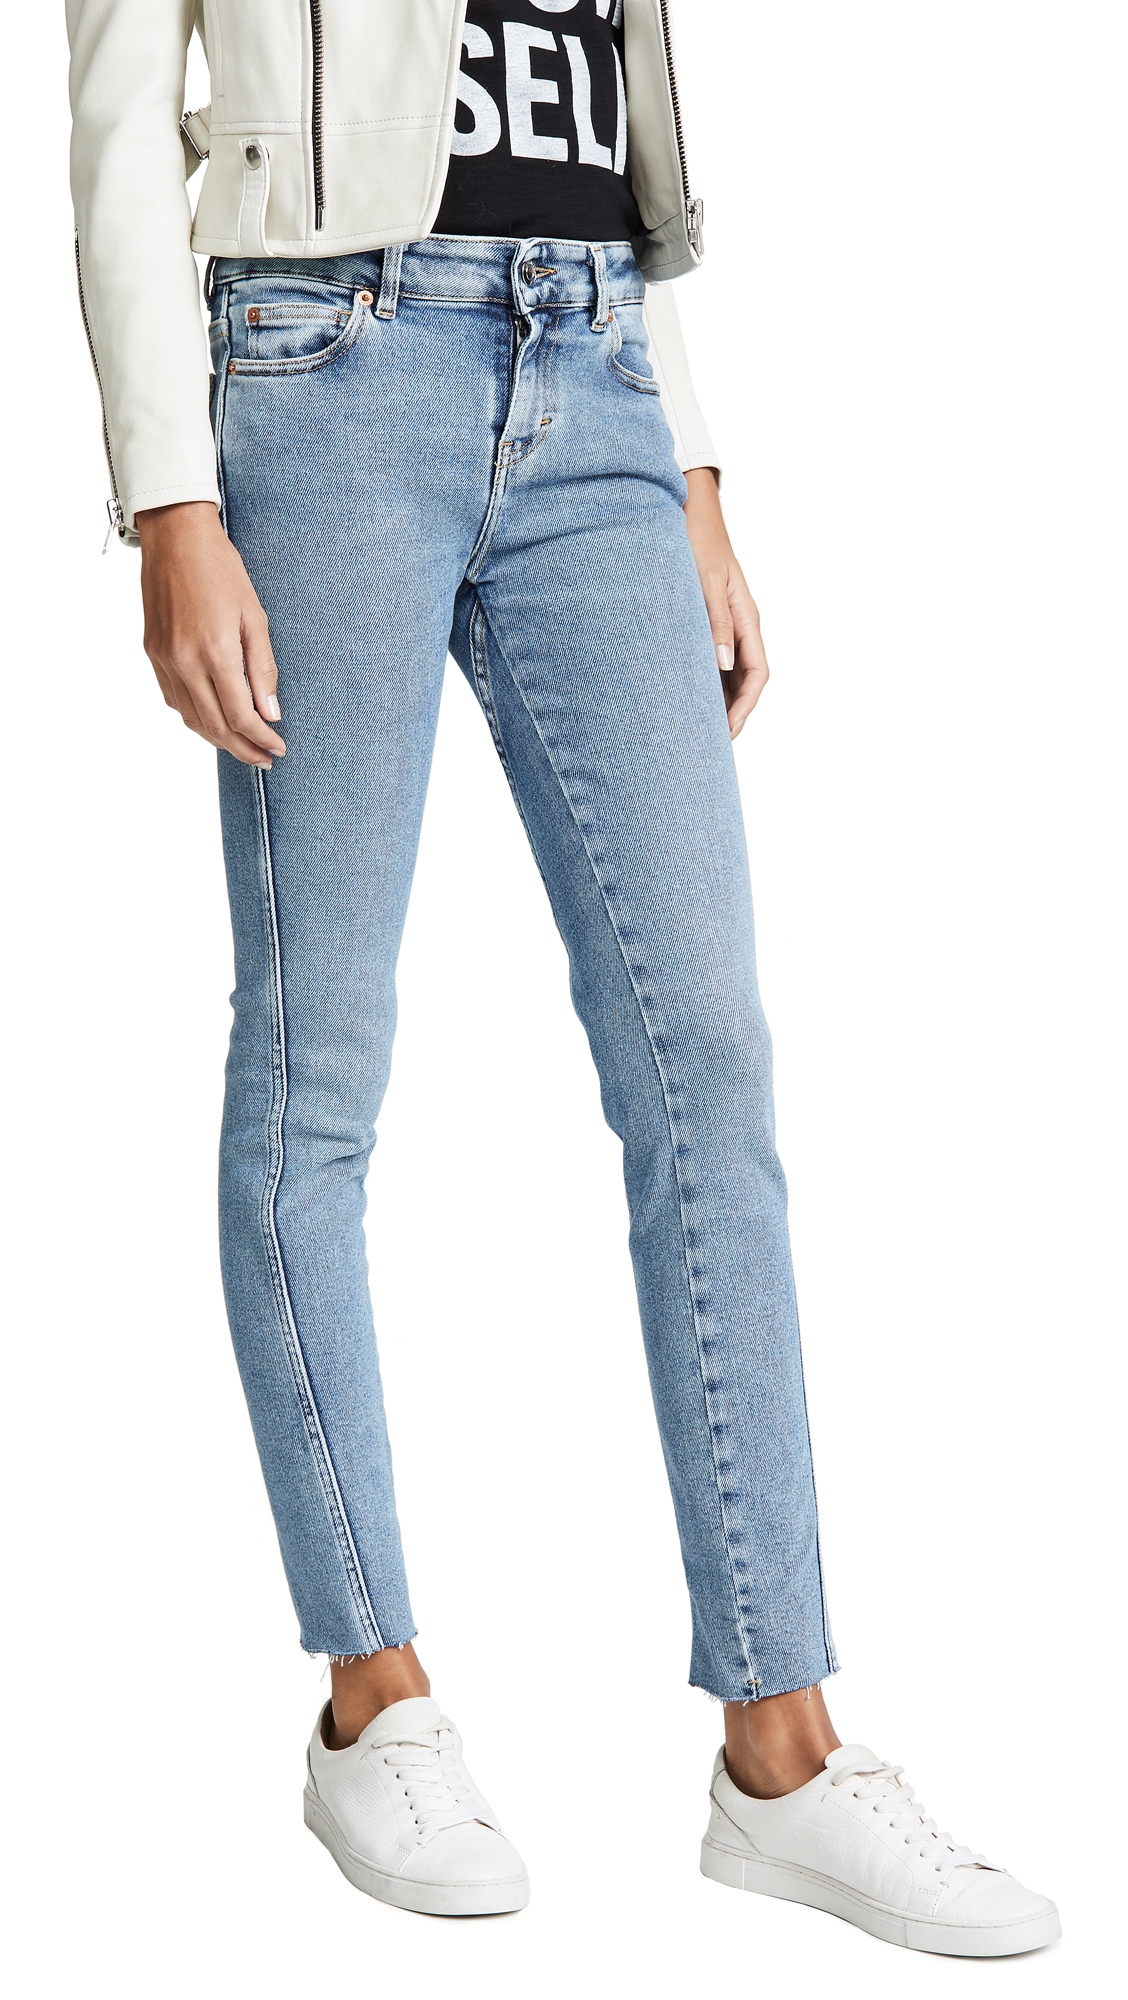 IRO.JEANS Iro. Jeans Fragile Seamed Skinny Jeans in Light Denim